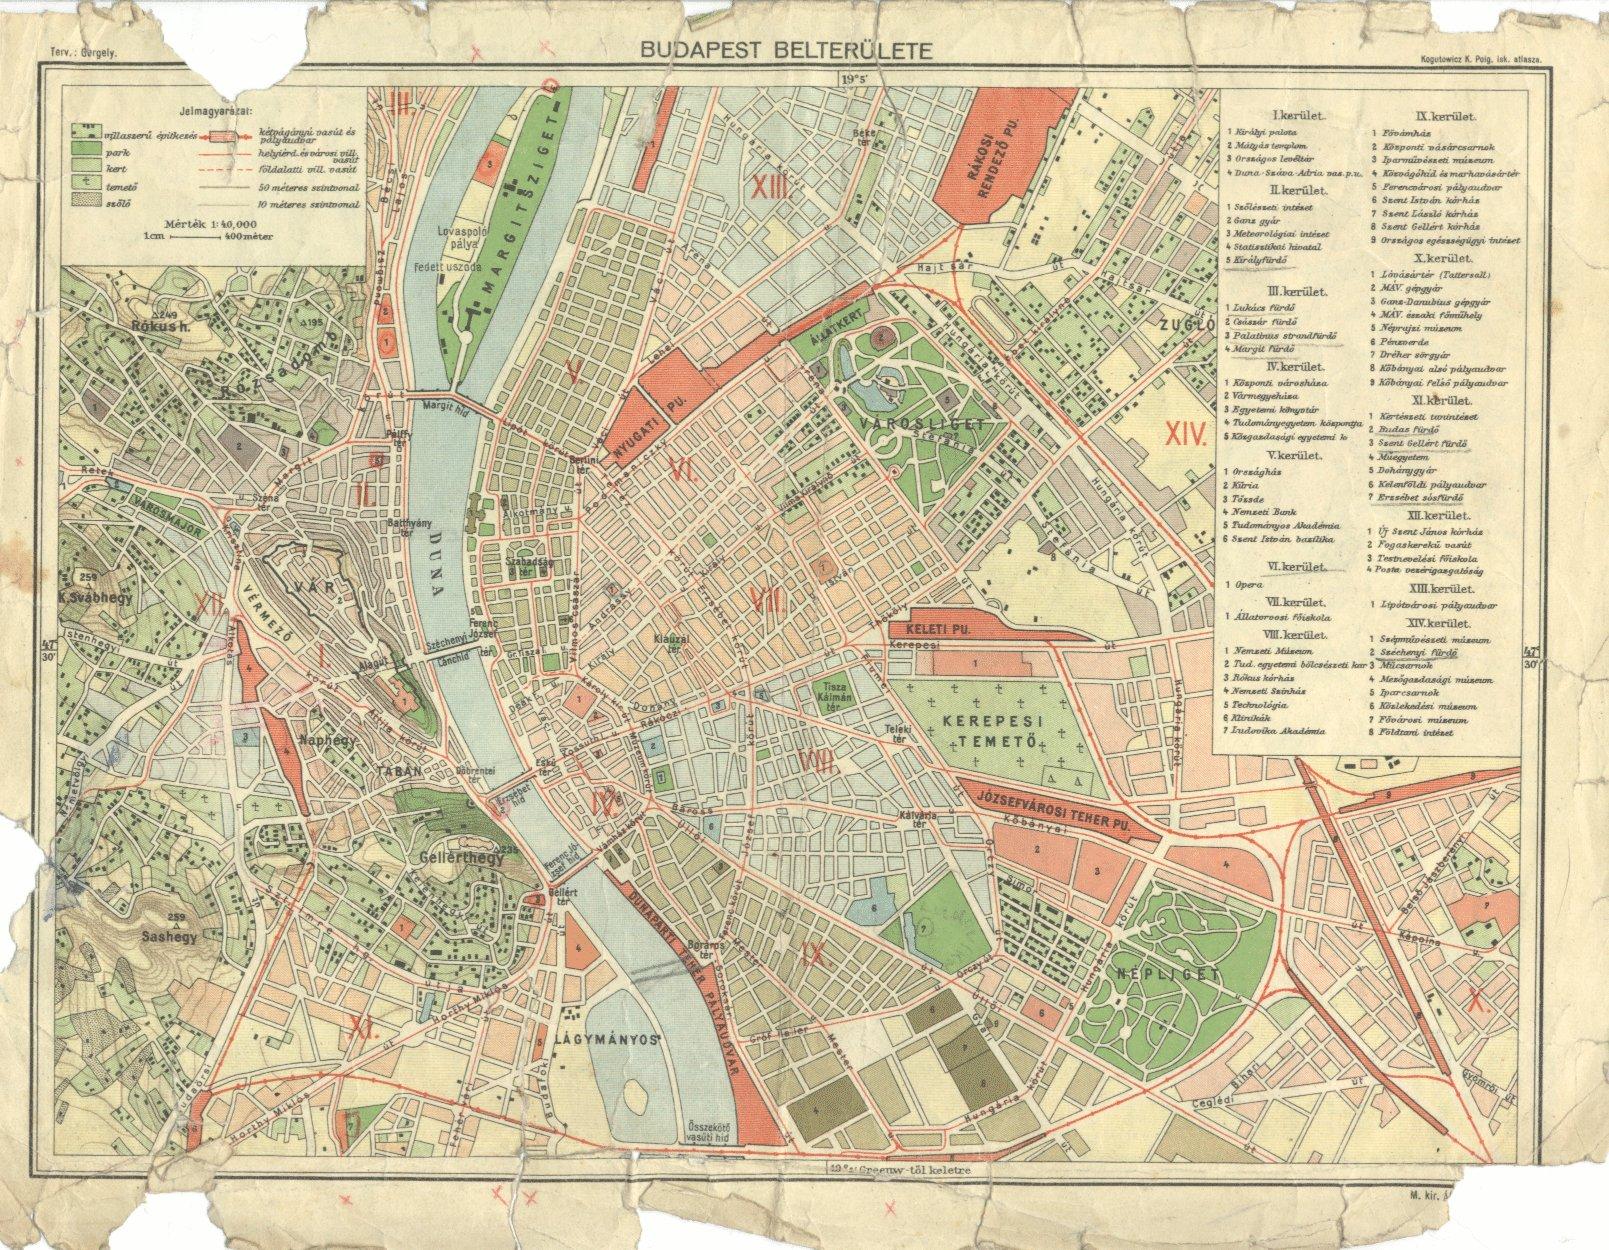 budapest térkép 1930 Budapest belterülete 1930. budapest térkép 1930